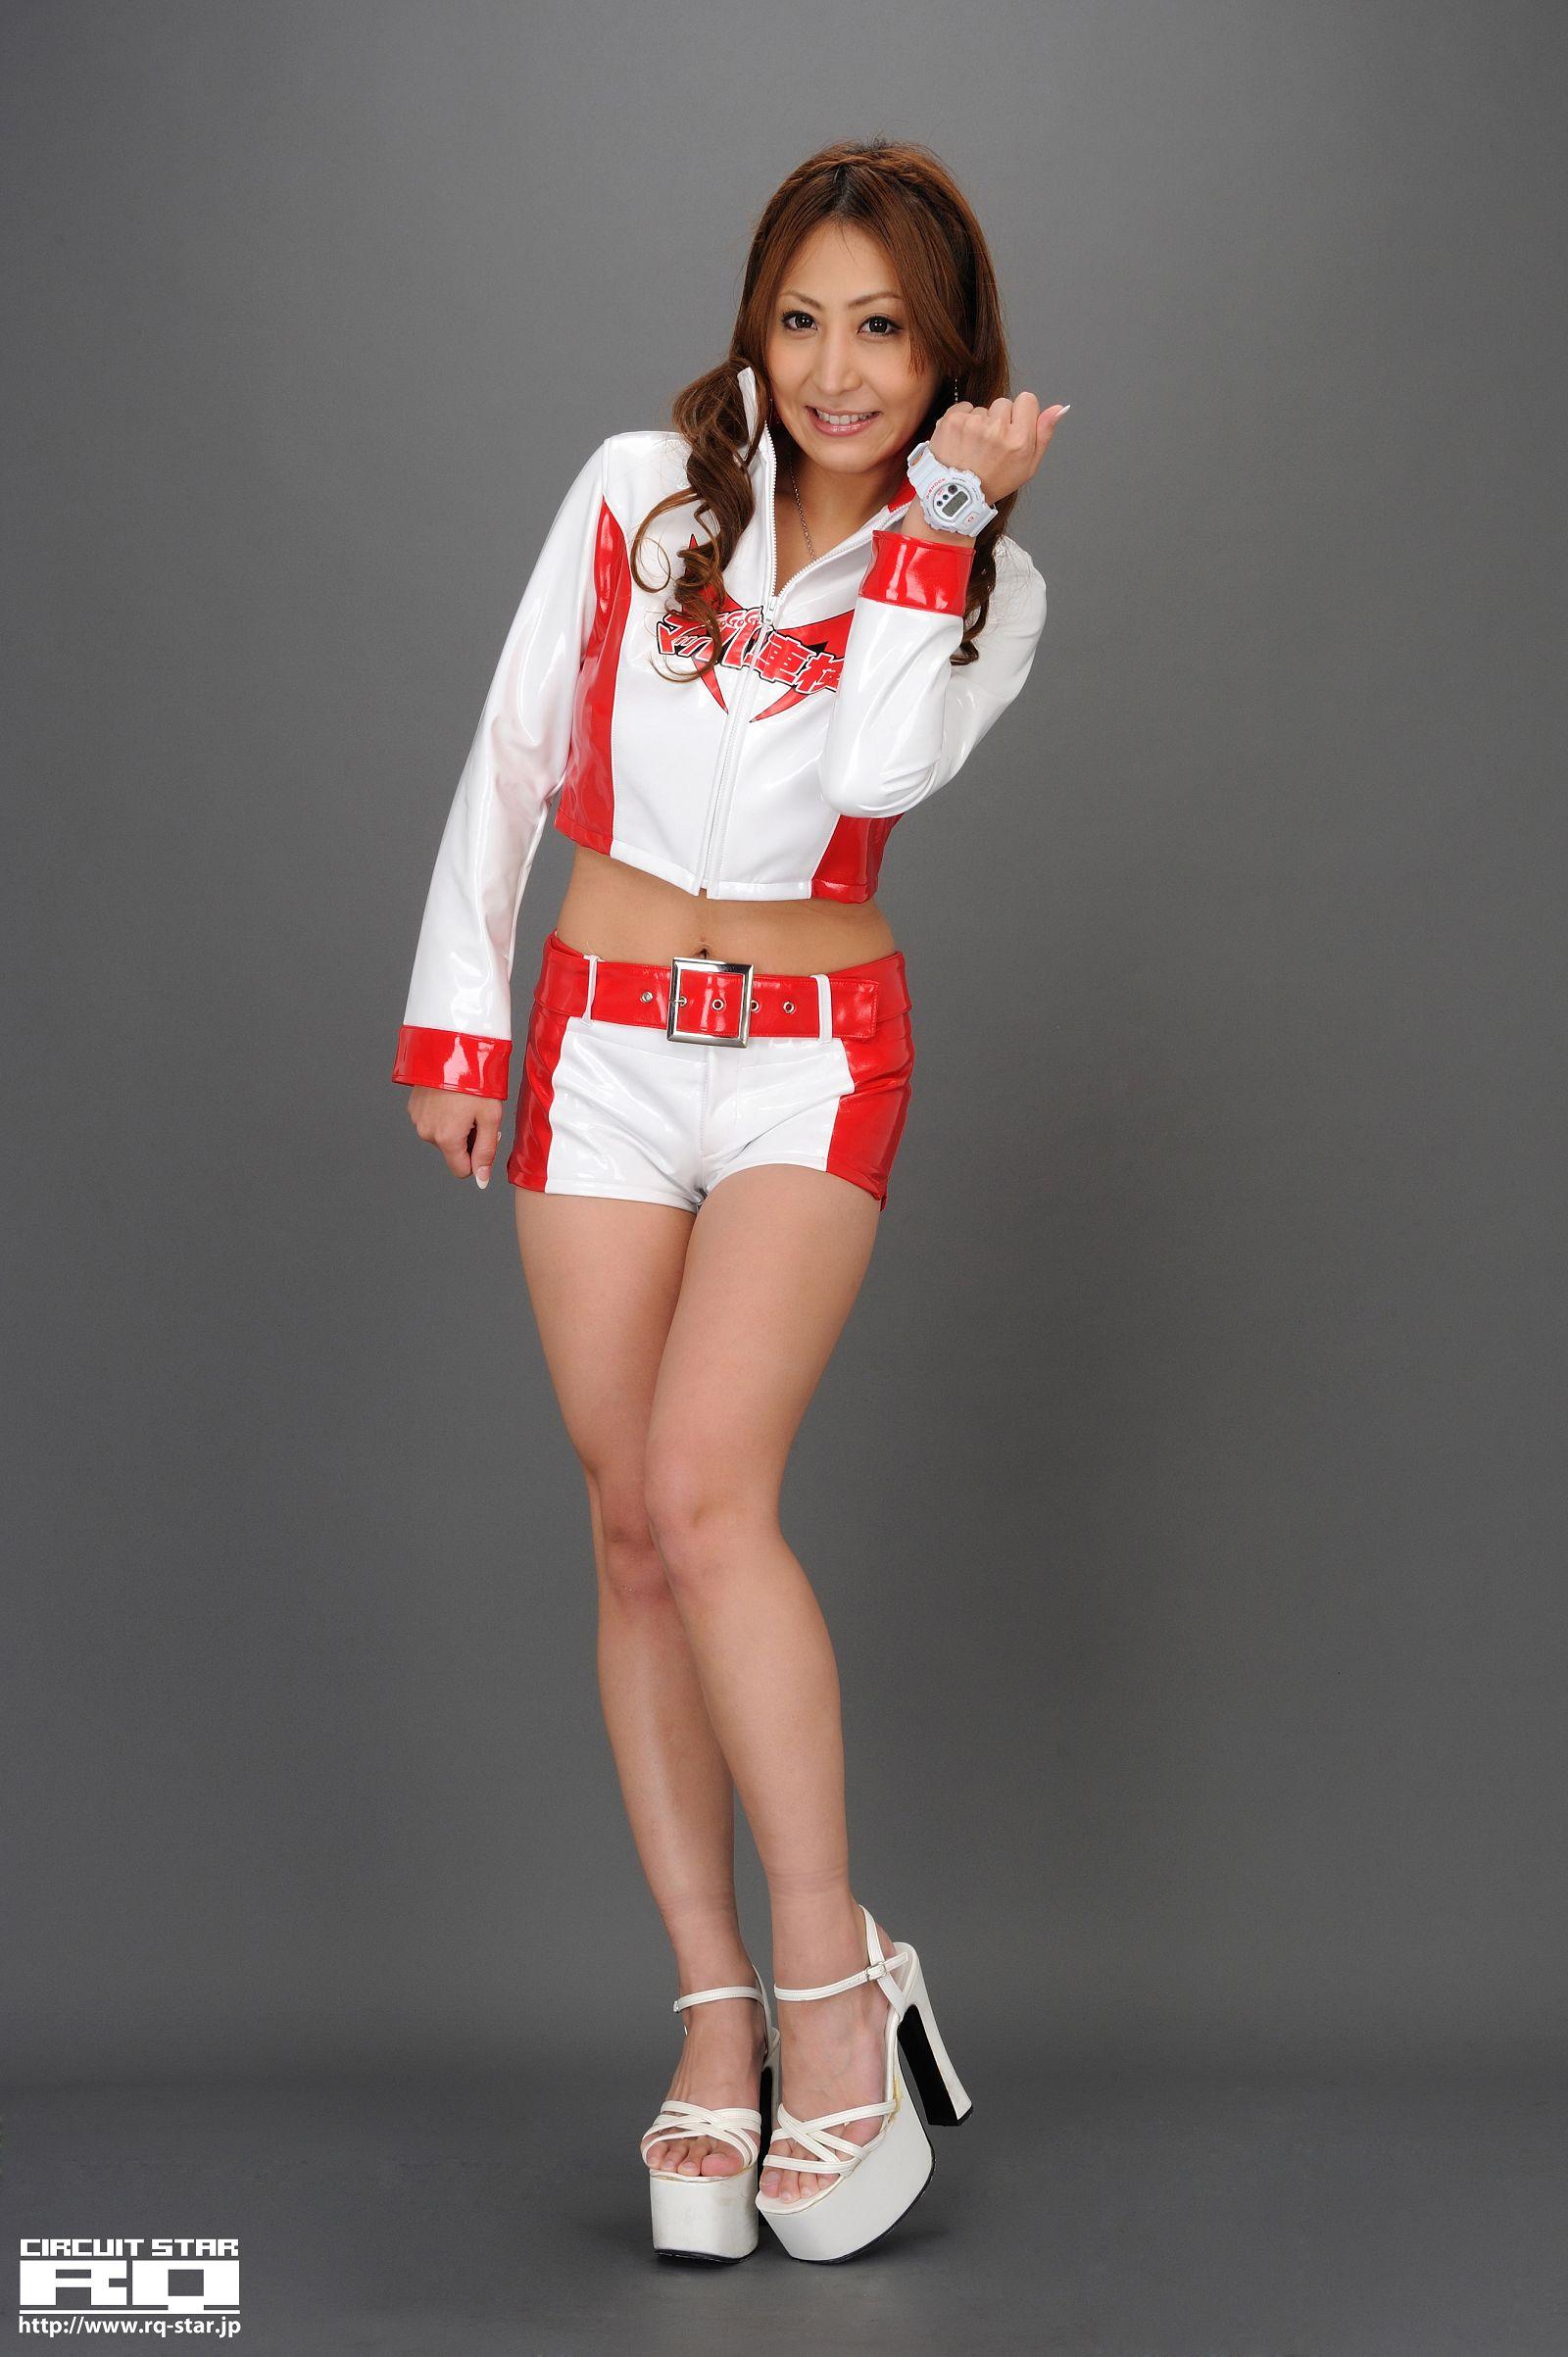 [RQ STAR美女] NO.00556 Yuika Anzai 安西結花 Race Queen[140P] RQ STAR 第2张